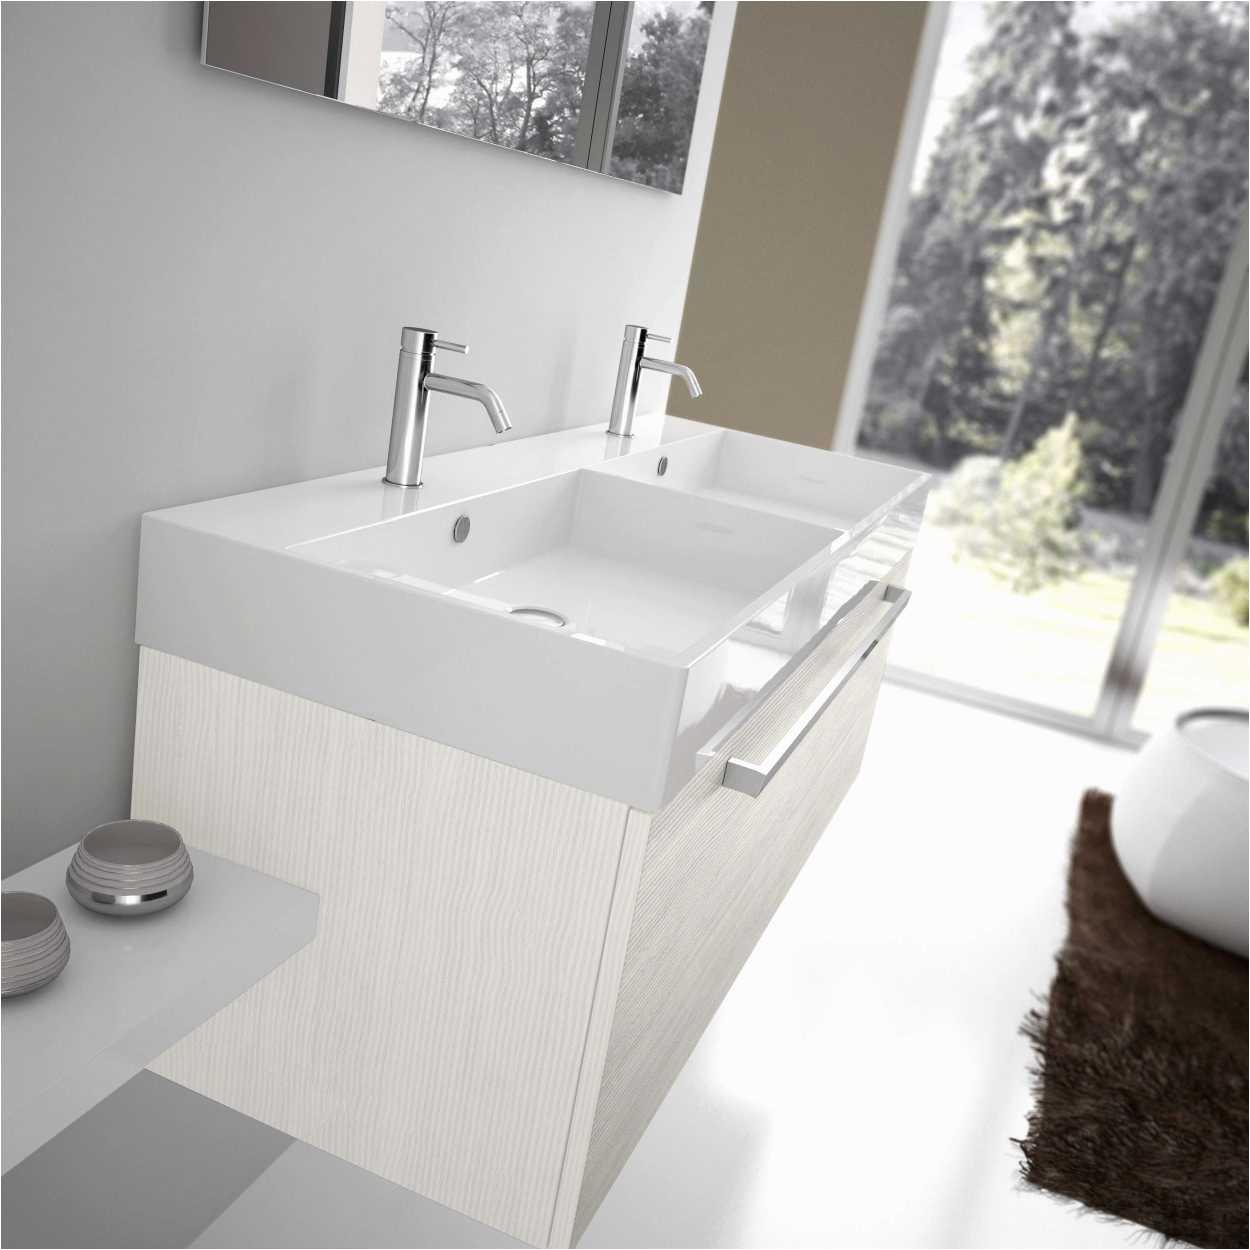 contemporary bathroom design gallery custom bathroom sinks gallery h sink new bathroom i 0d inspiring